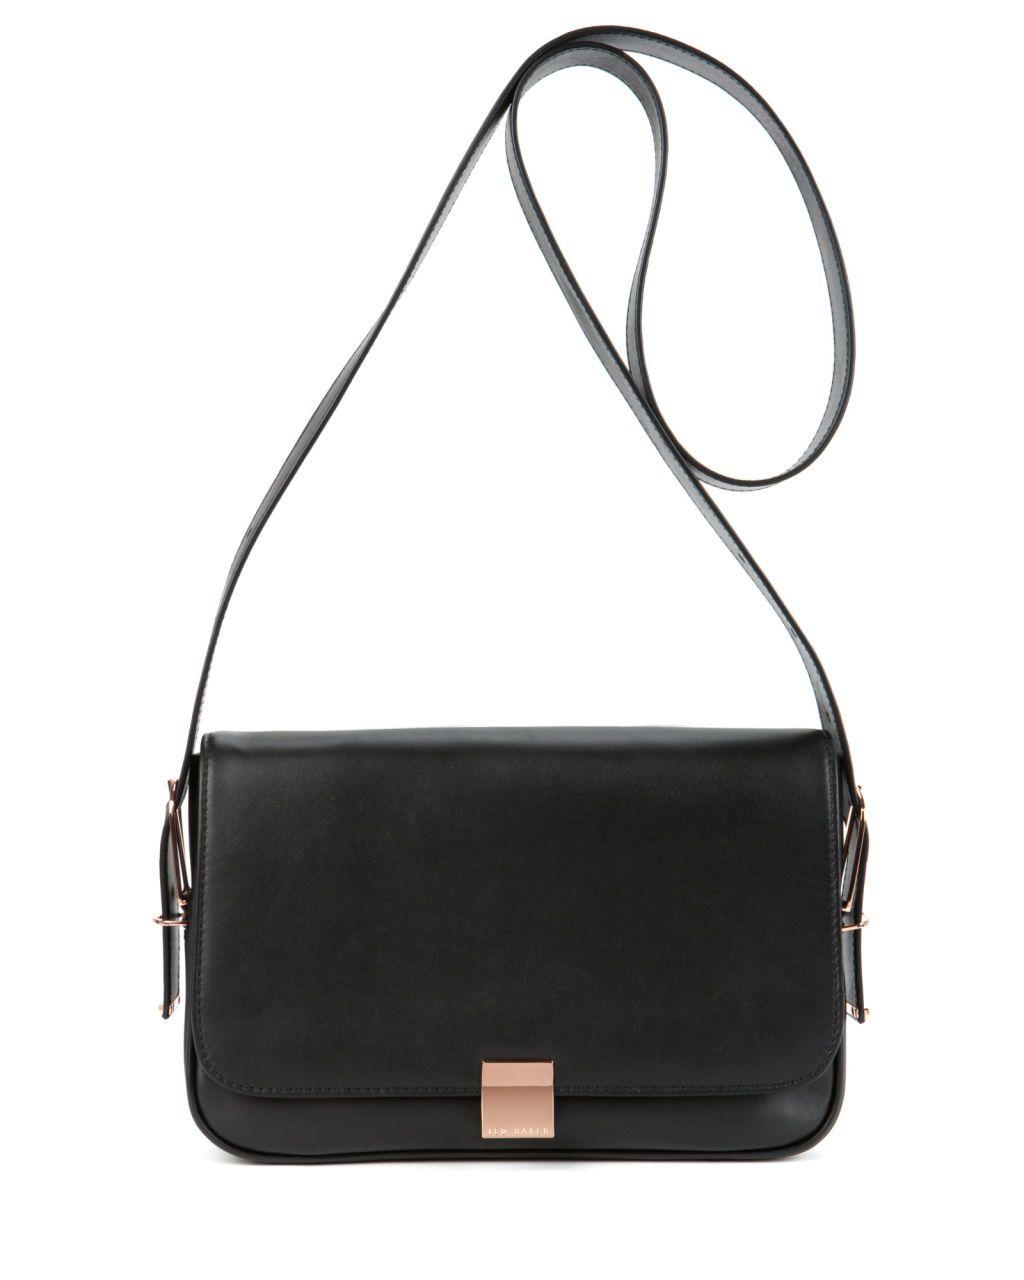 Leather Sling Bag Black Bags Ted Baker Uk Across Body Bag